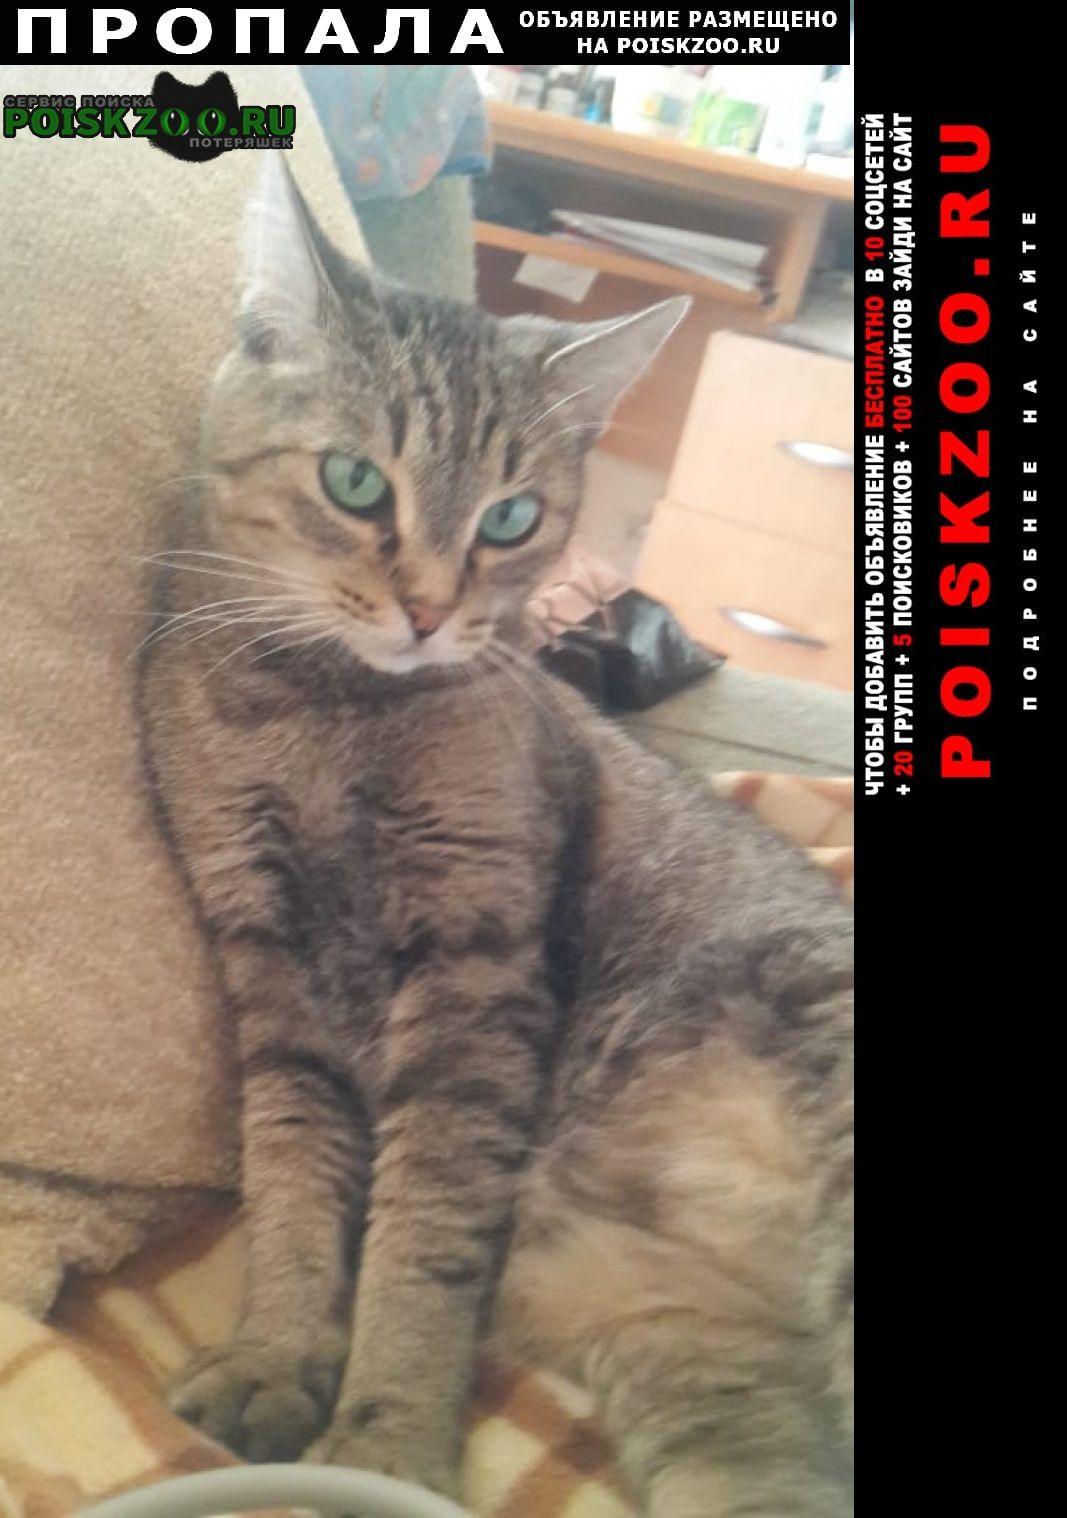 Пропала кошка по адресу . севастопольски Москва